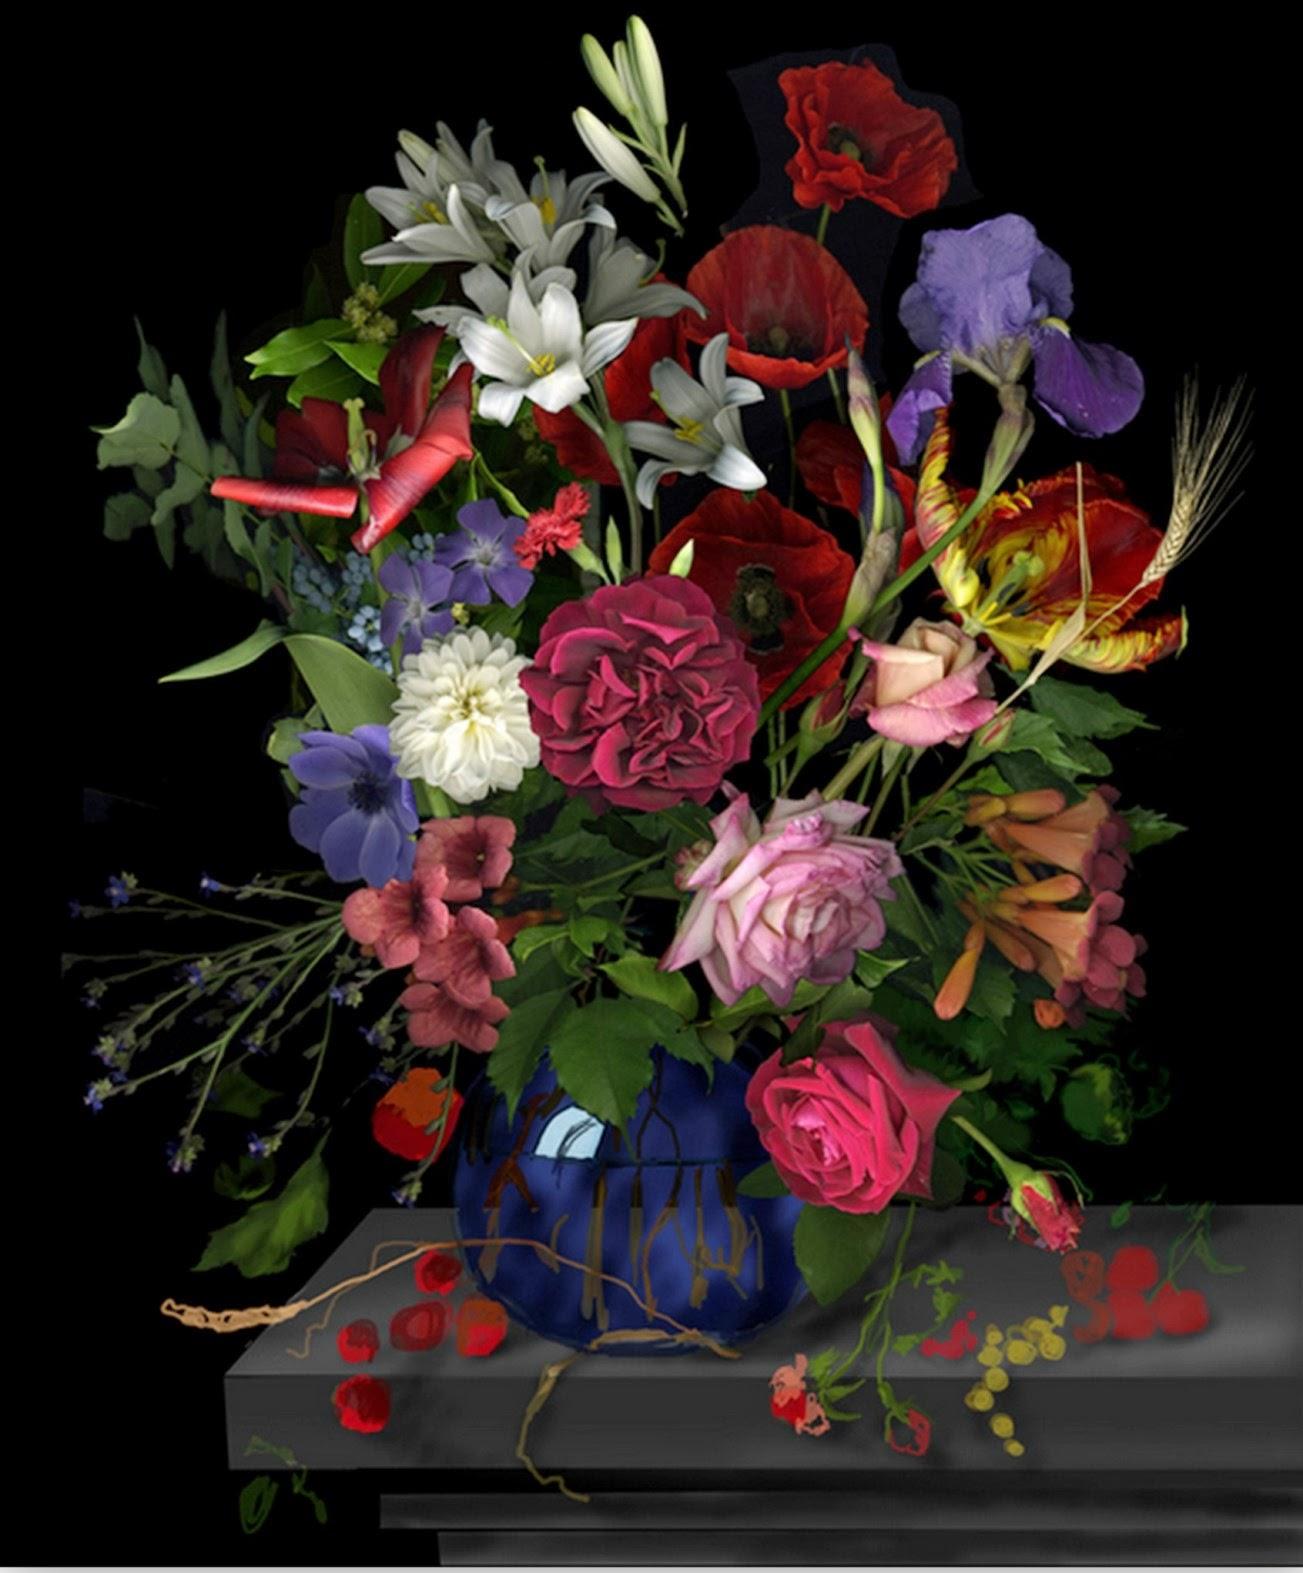 Fotos De Flores Rosas Rojas Y Arreglos Florales , Fotos de Ramo de rosas y flores